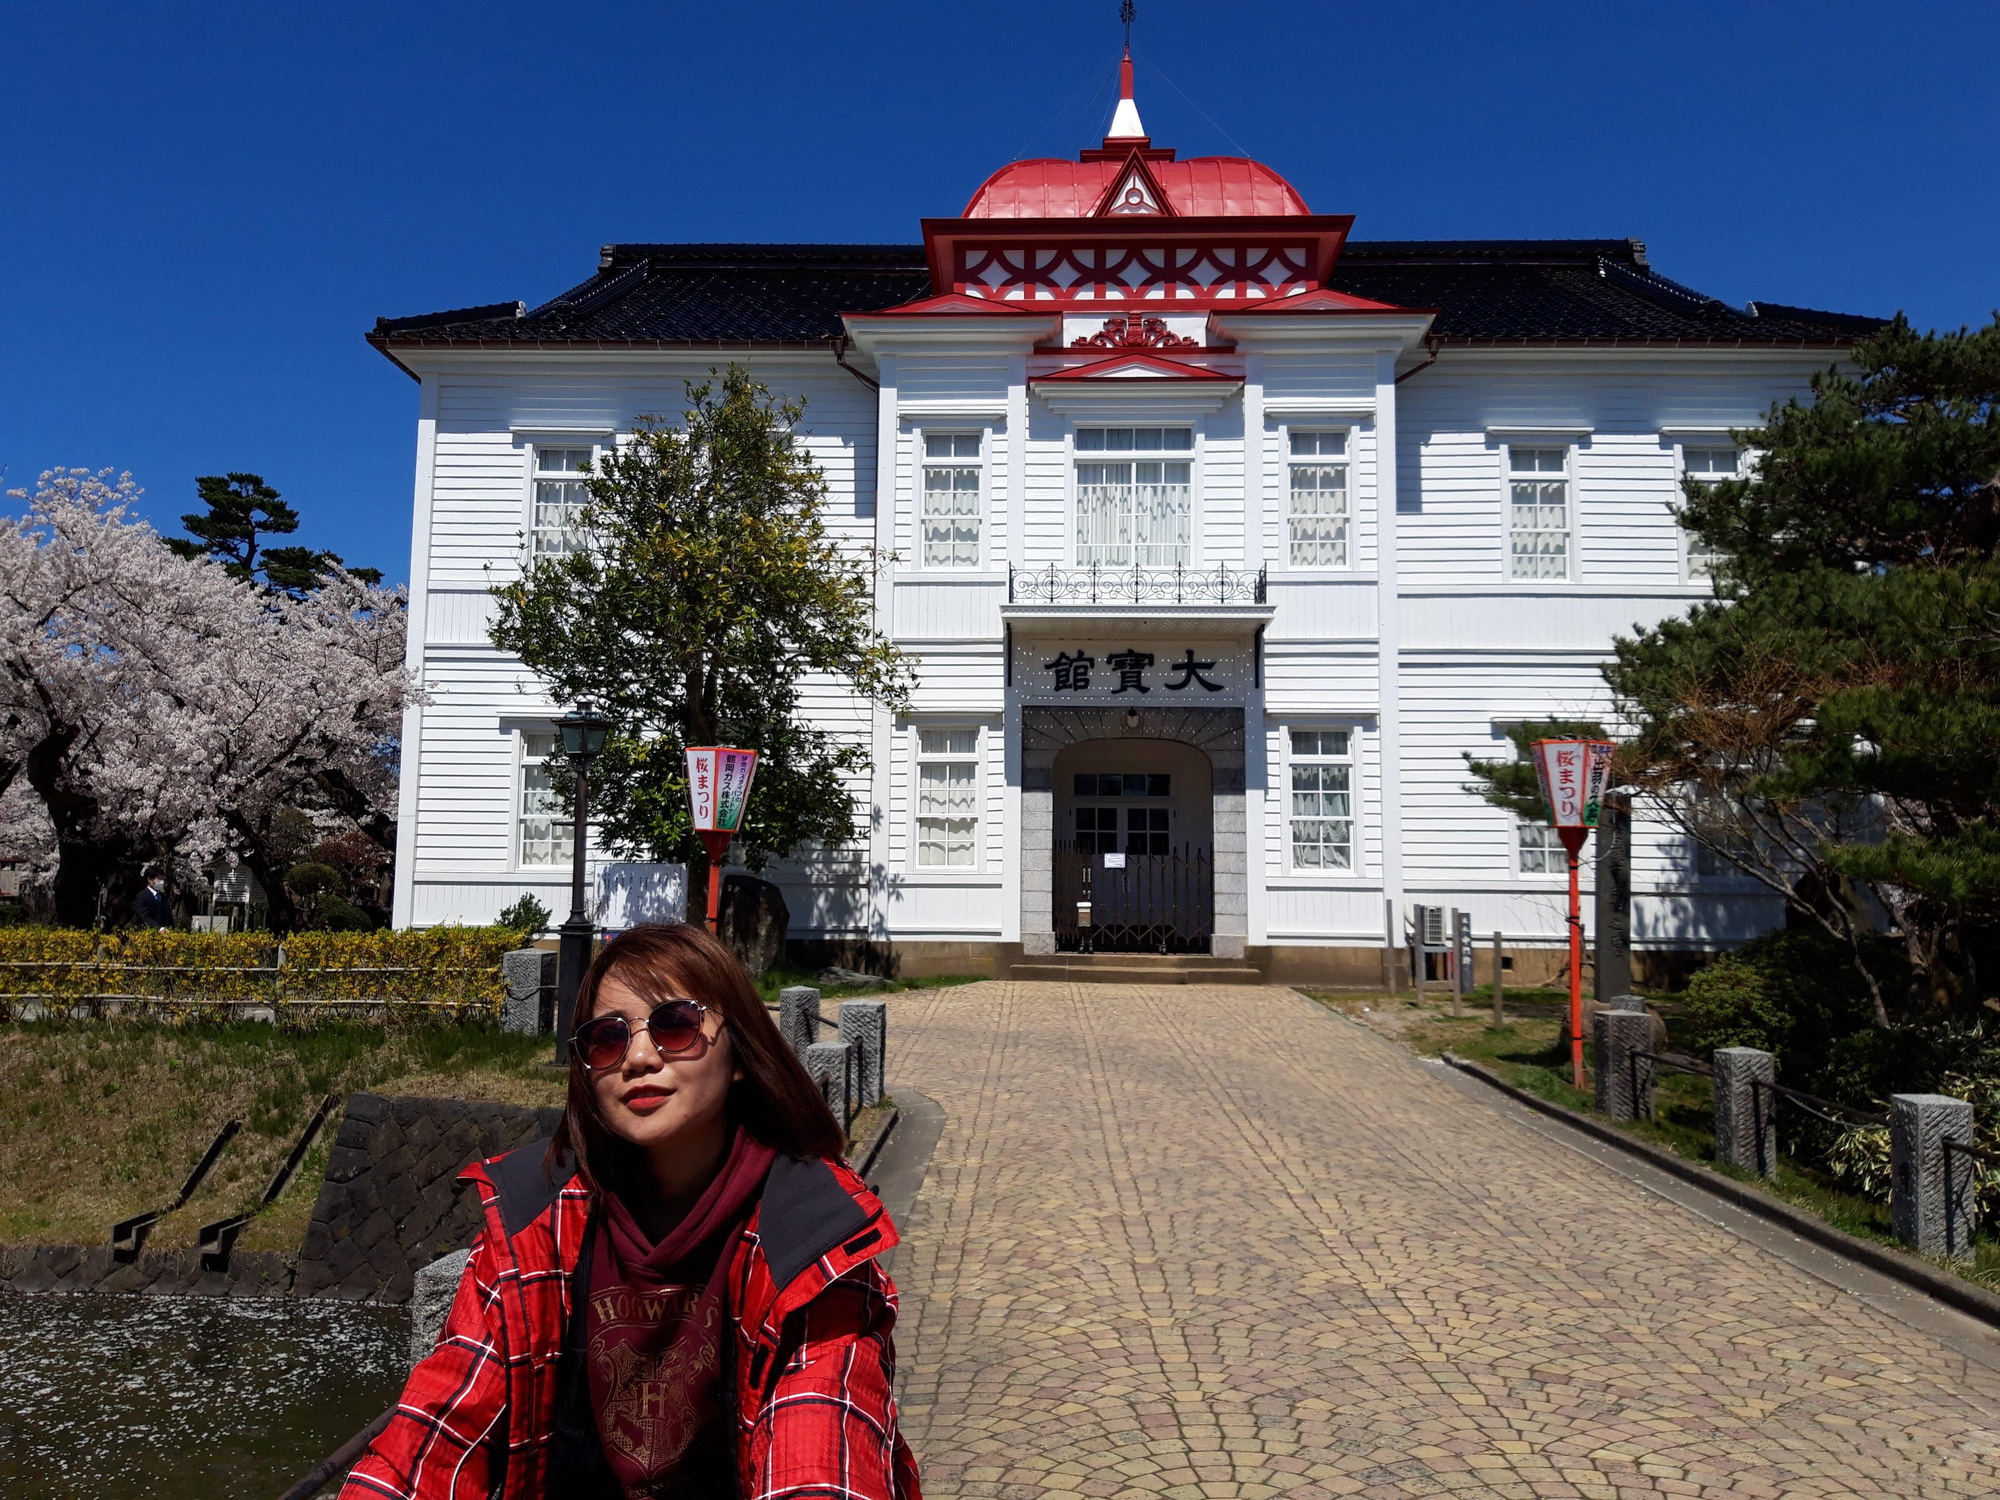 Hotgirl Học viện Nông nghiệp Việt Nam và hành trình du học Nhật Bản - Ảnh 6.